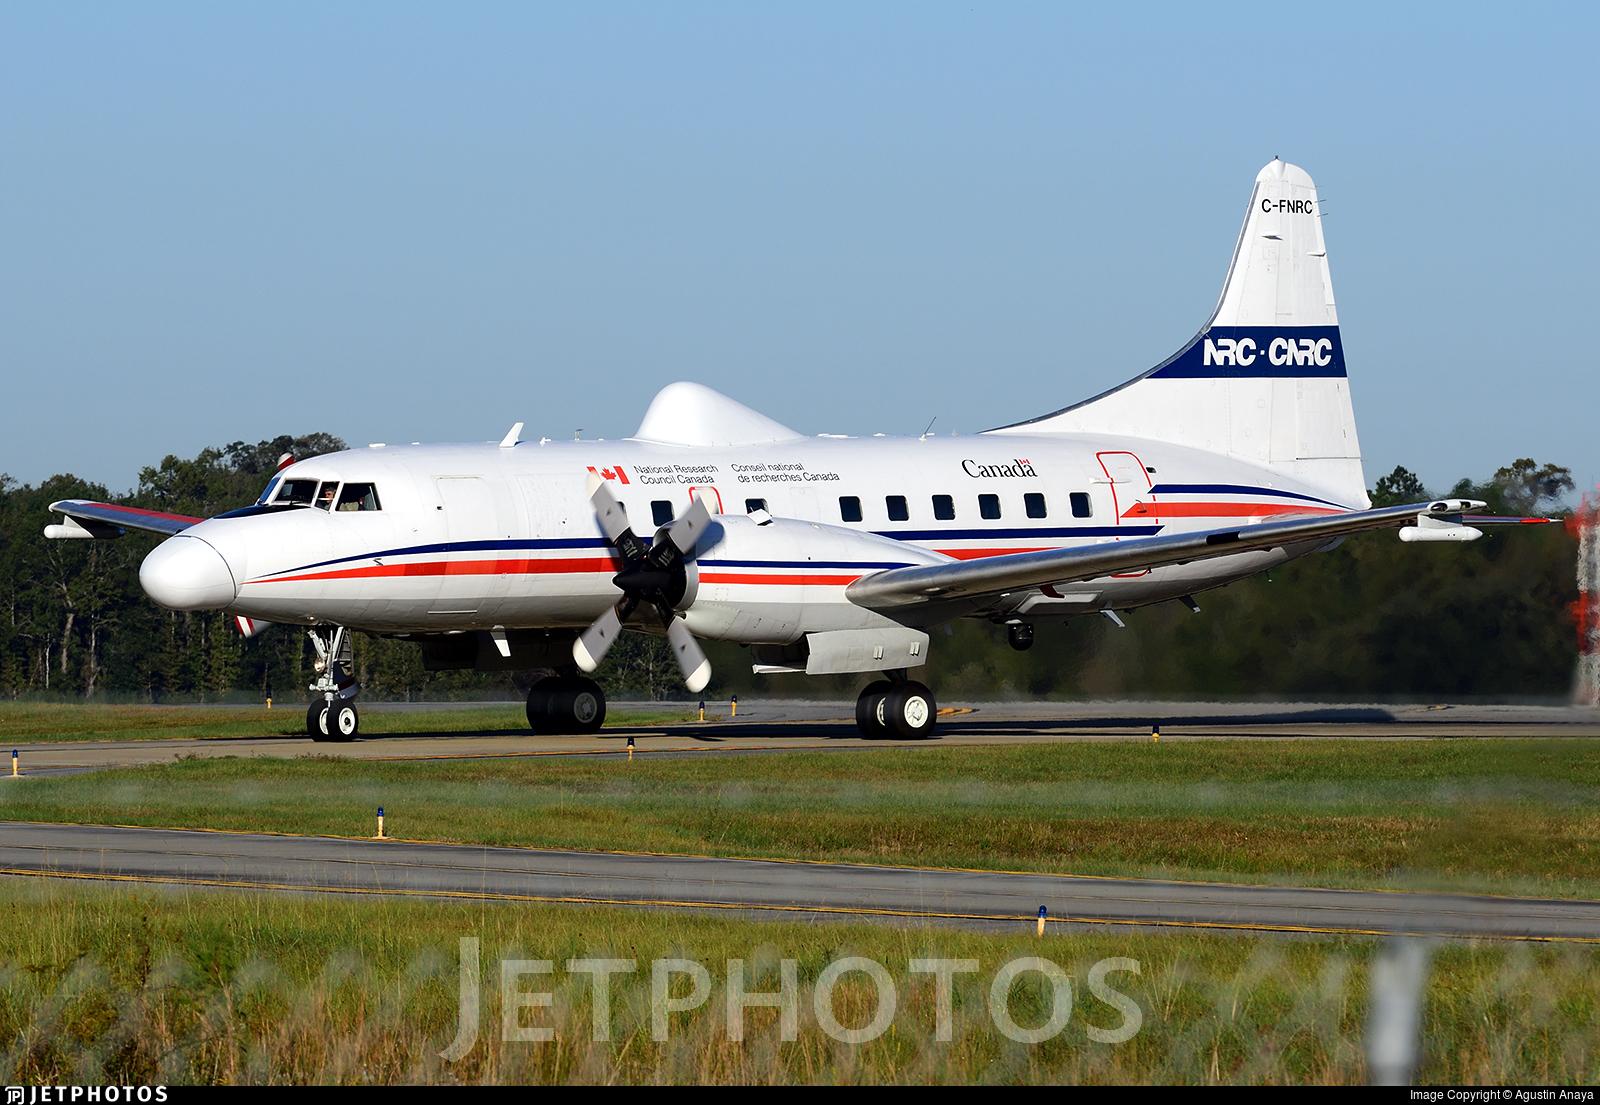 C-FNRC - Convair CV-580 - Canada - National Research Council